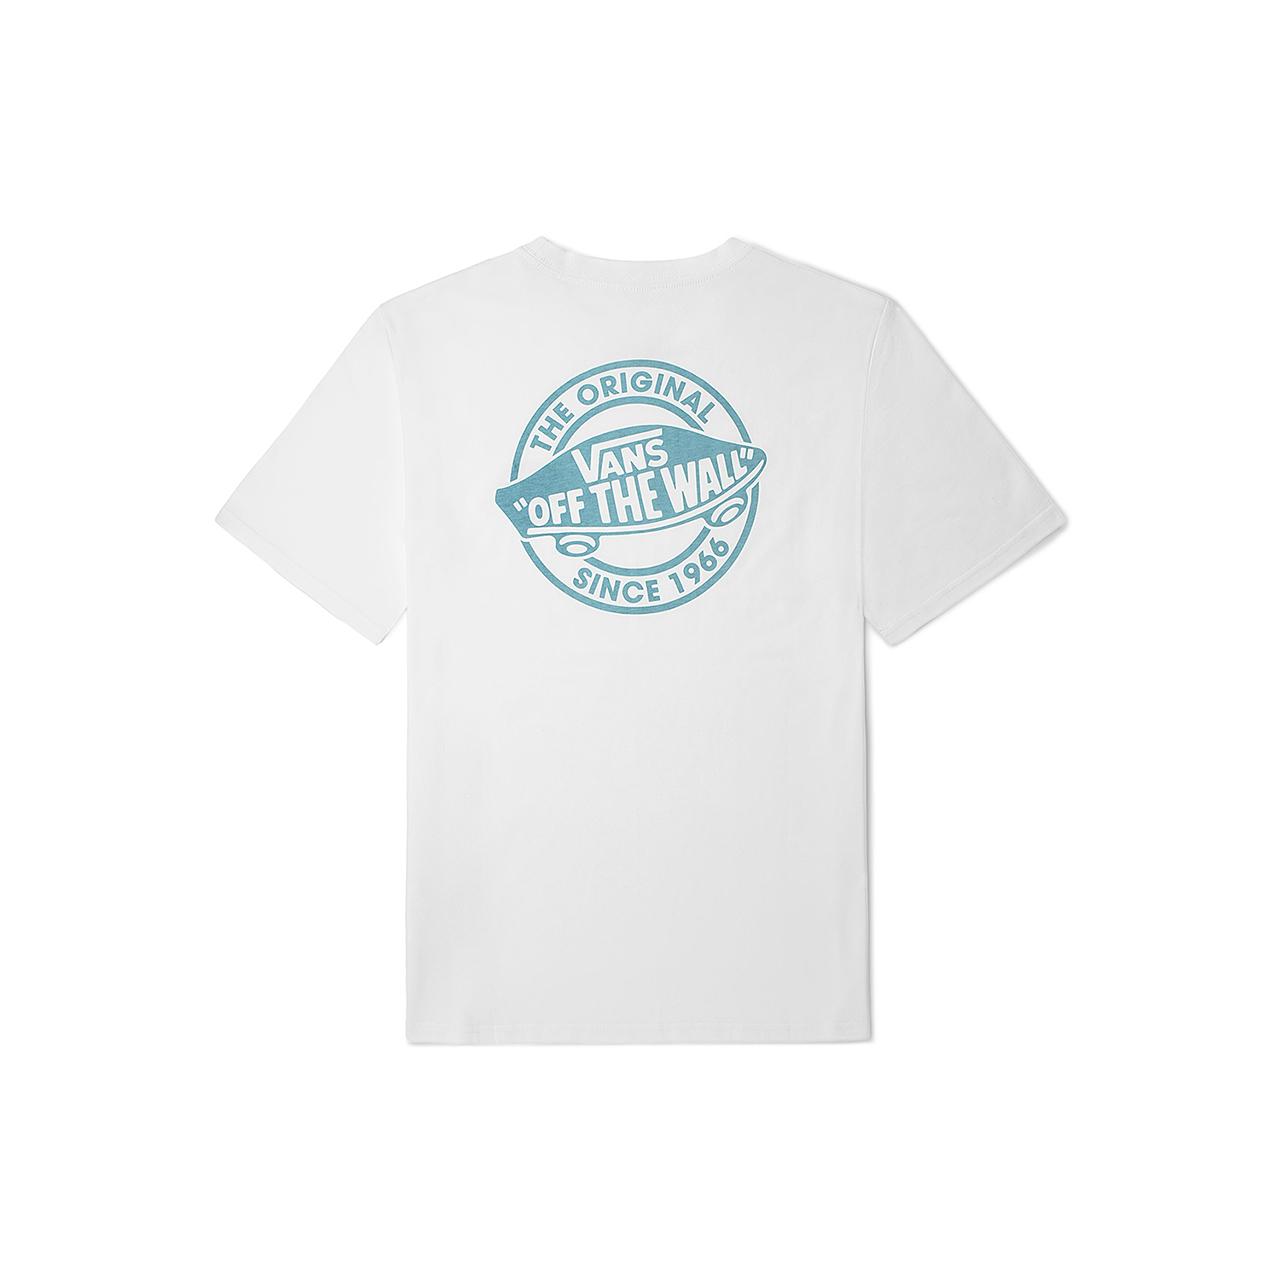 【双11】Vans范斯官方 白色香芋紫LOGO个性高街情侣短袖T恤